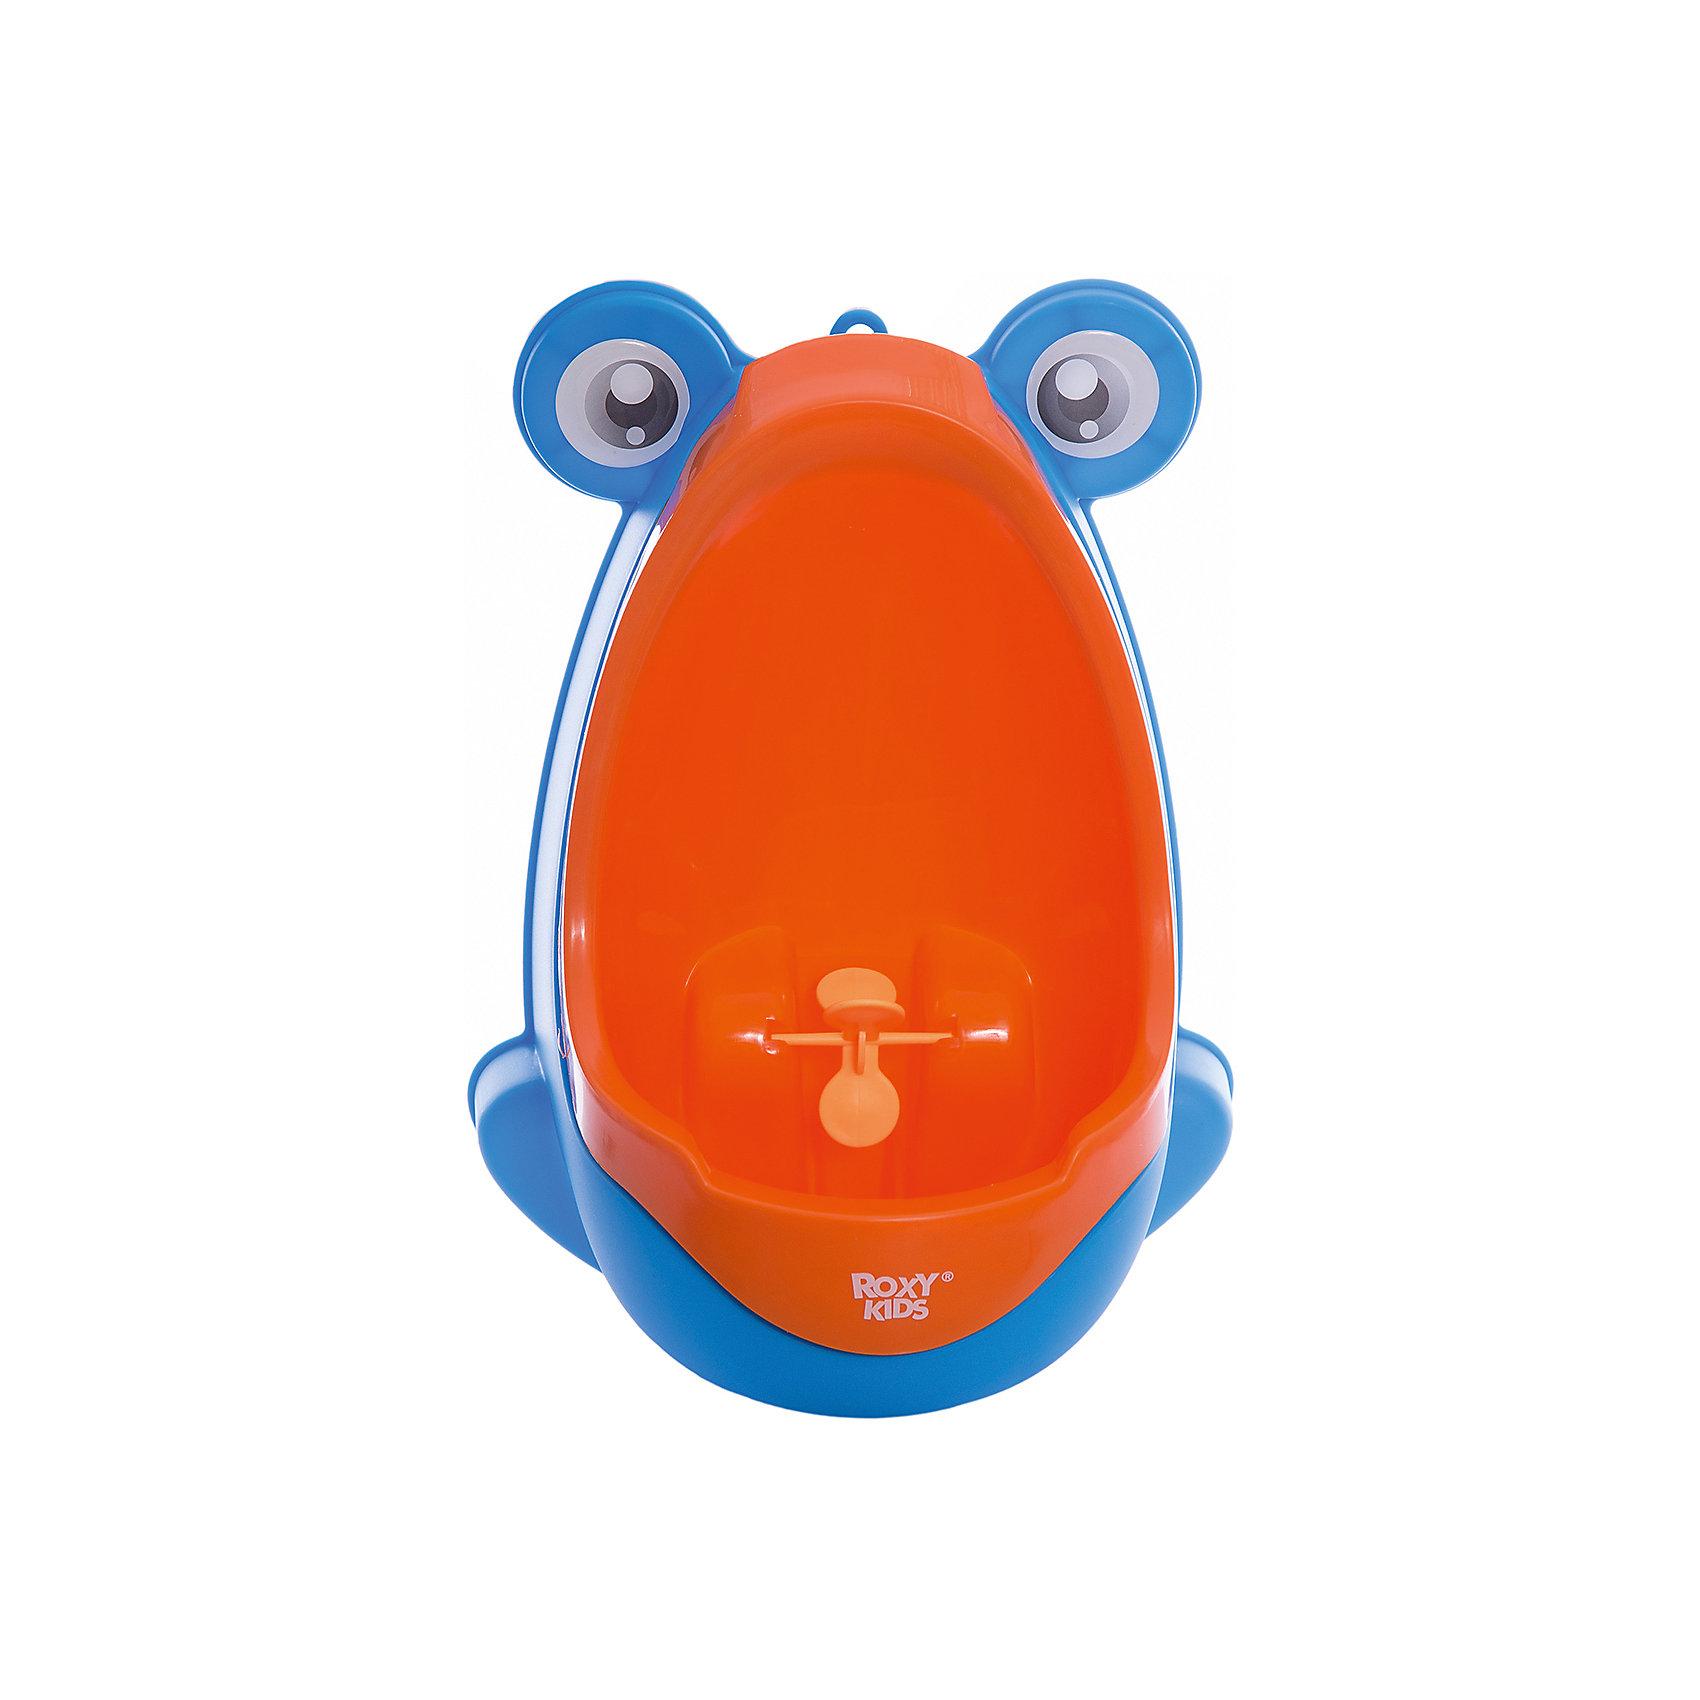 Писсуар с прицелом Лягушка, Roxy-kids, оранжево-голубойГоршки, сиденья для унитаза, стульчики-подставки<br>Писсуар с прицелом, Roxy-kids (Рокси-кидс) поможет вашему малышу легко и быстро приучиться ходить во взрослый туалет. Яркий оригинальный писсуар в форме лягушонка обязательно понравится ребенку и в игровой форме поможет малышу овладеть необходимыми гигиеническими навыками. Изделие выполнено из прочного пластика, может крепиться на стену с помощью присосок, расположенных на задней стенке. <br><br>Дополнительная информация:<br><br>- Размер: 15х21х30 см.<br>- Материал: пластик.<br>- Цвет: оранжево-голубой<br><br>Писсуар с прицелом Лягушка, Roxy-kids (Рокси-кидс), бежево-коричневый, можно купить в нашем магазине.<br><br>Ширина мм: 220<br>Глубина мм: 220<br>Высота мм: 360<br>Вес г: 500<br>Возраст от месяцев: 12<br>Возраст до месяцев: 36<br>Пол: Унисекс<br>Возраст: Детский<br>SKU: 6895386